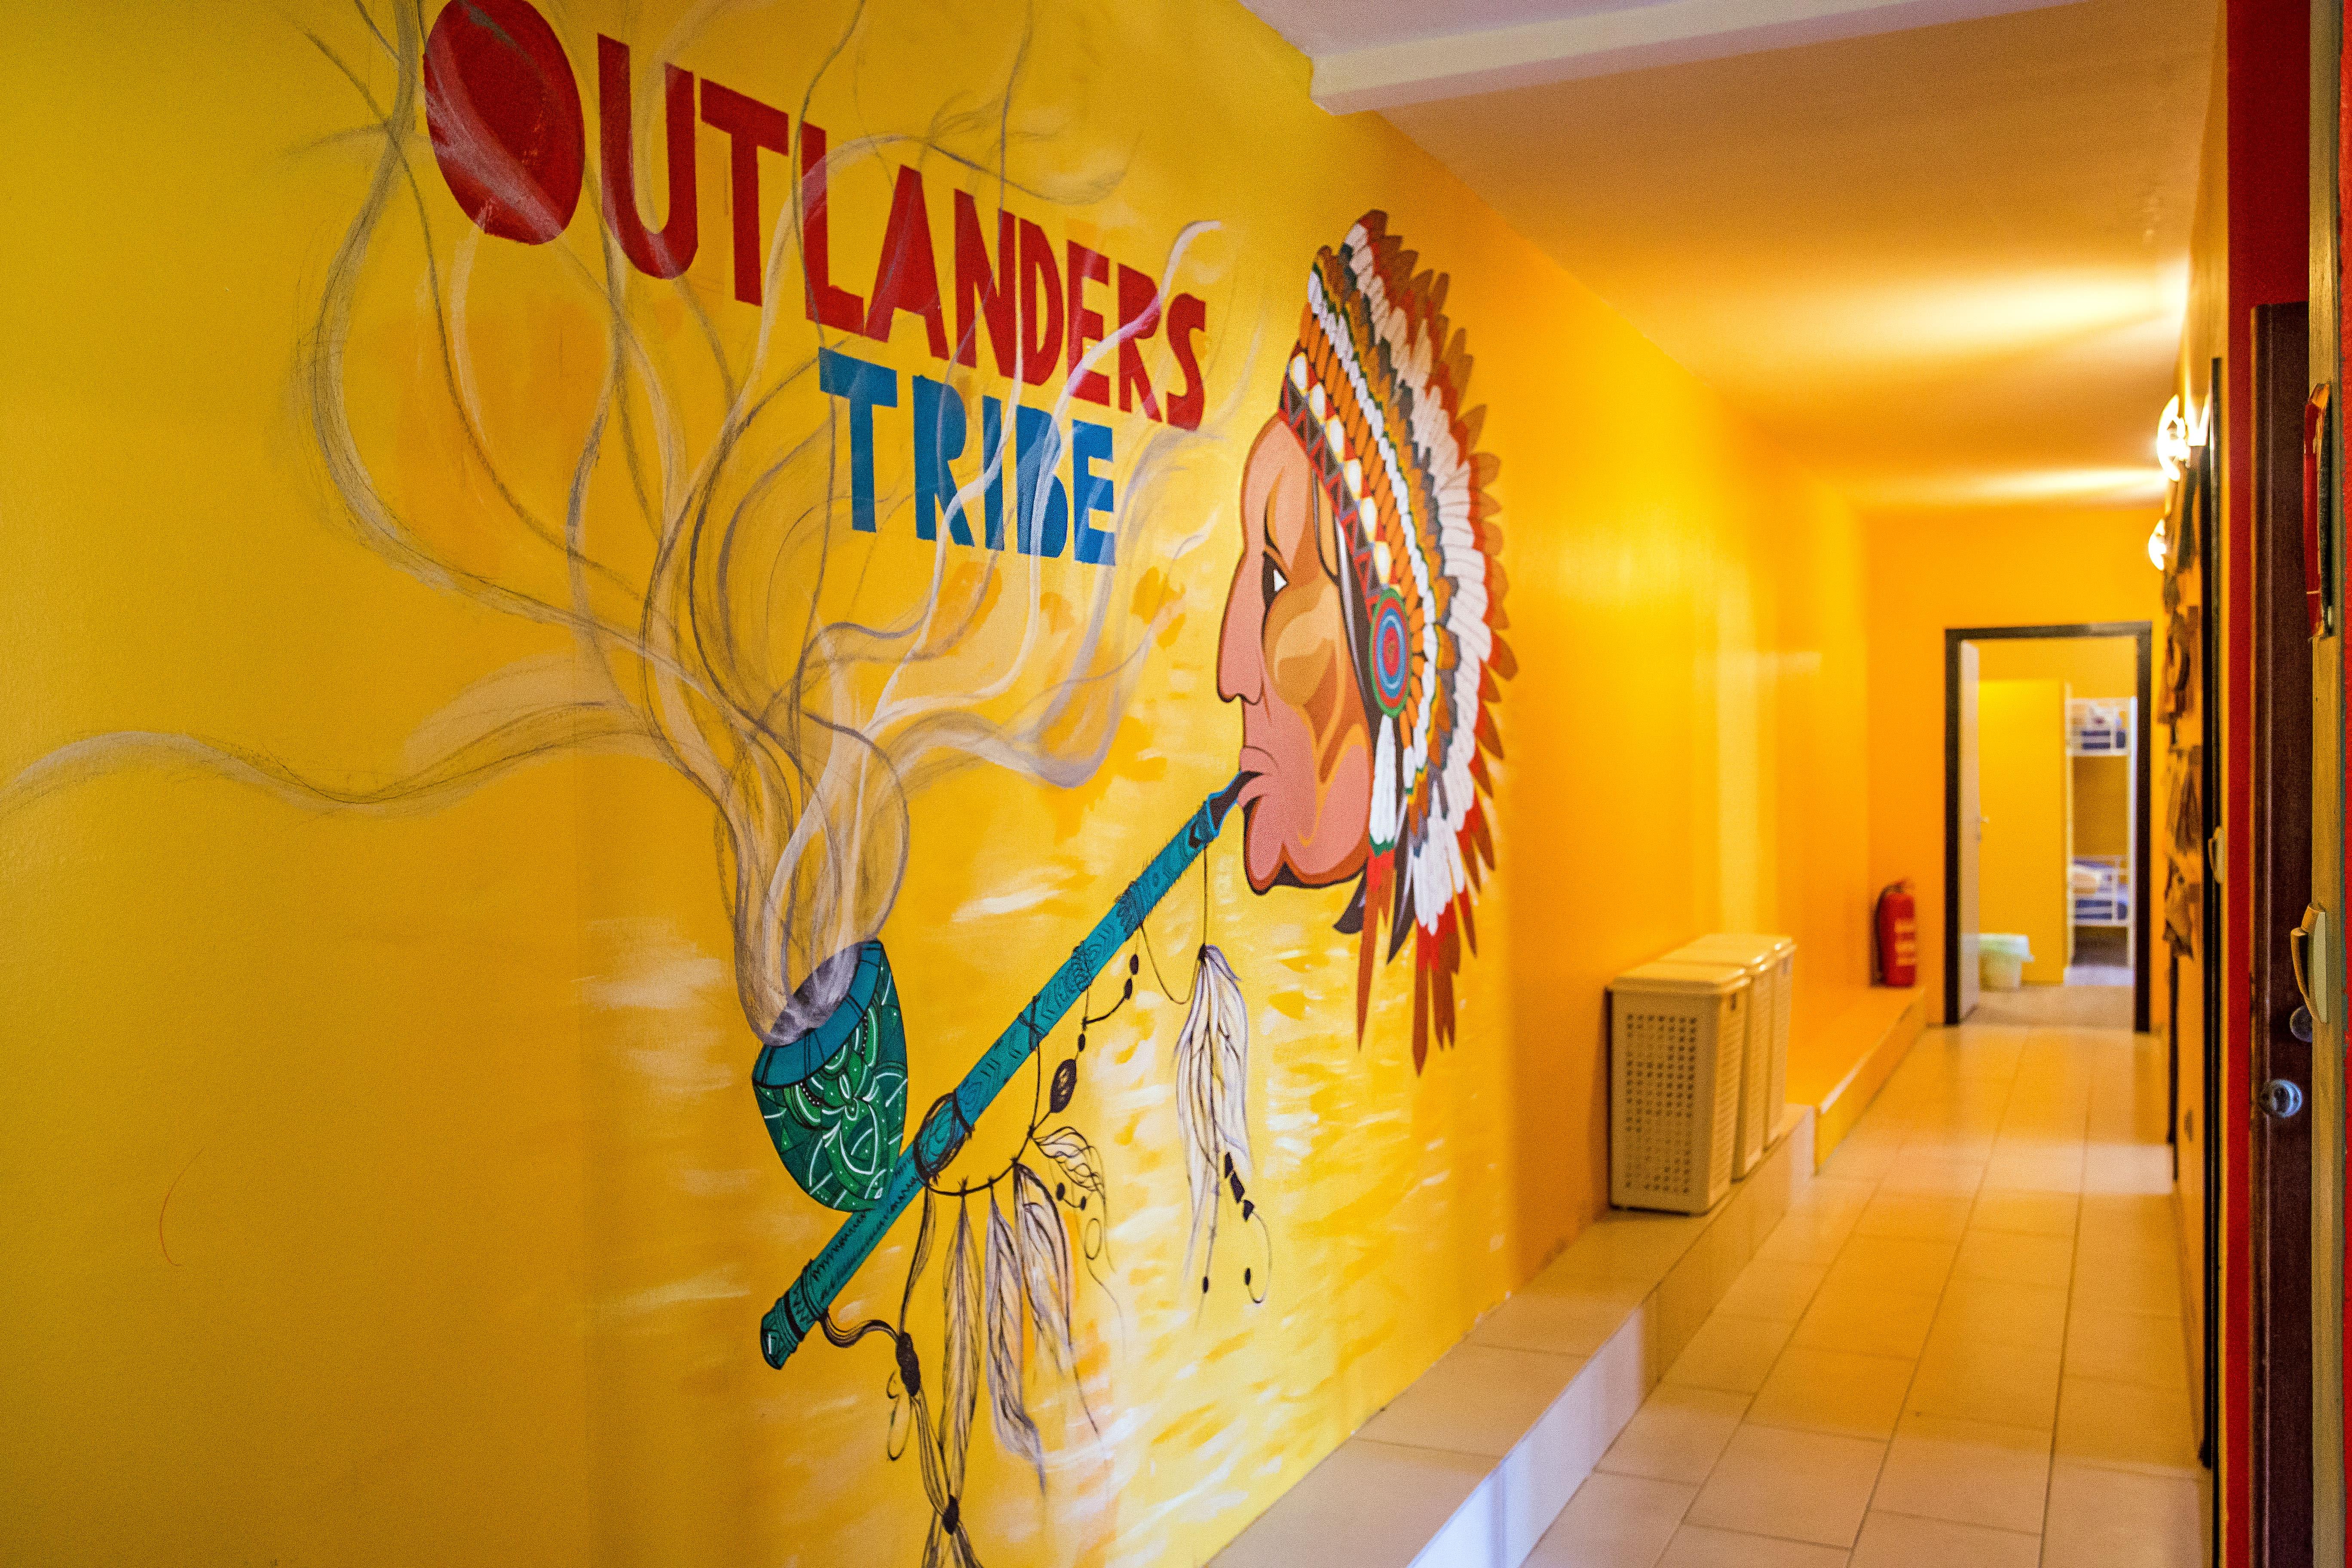 HOSTEL - Outlanders Tribe Hostel